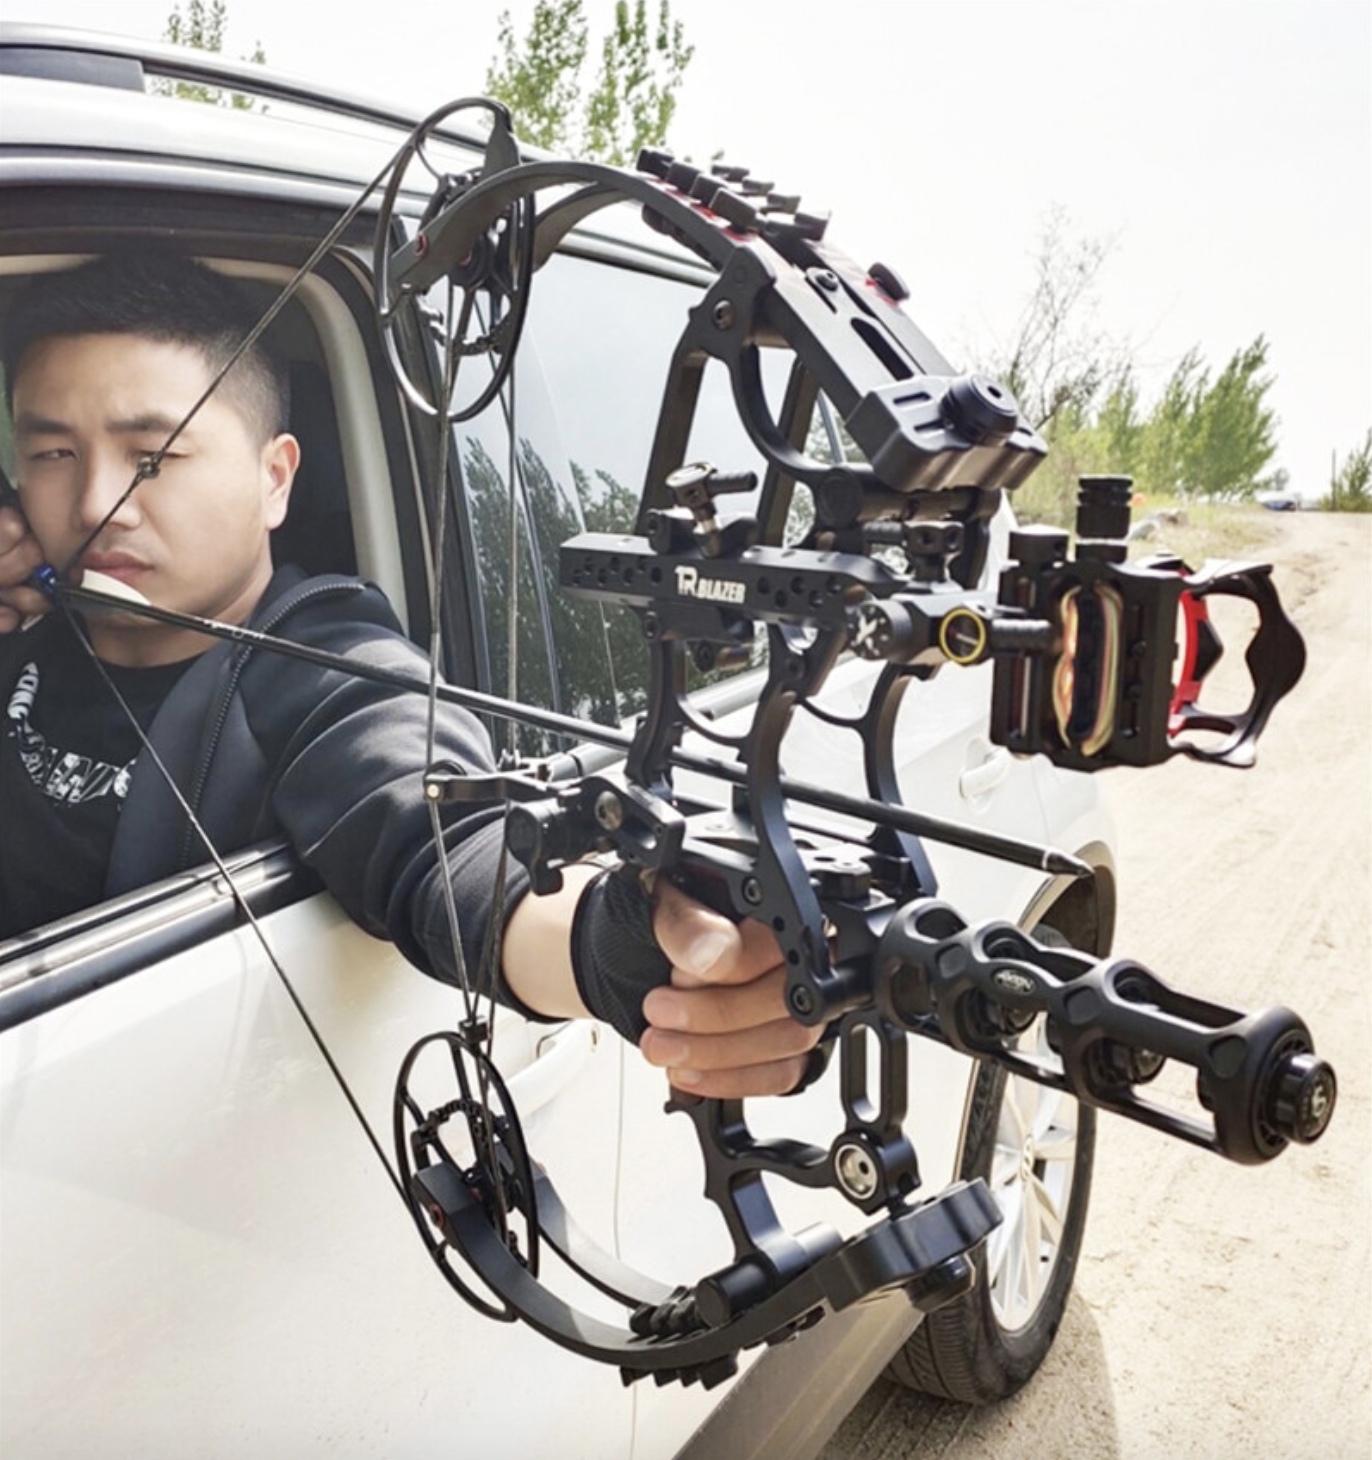 Мощный охотничий лук может пригодится для самообороны на дороге